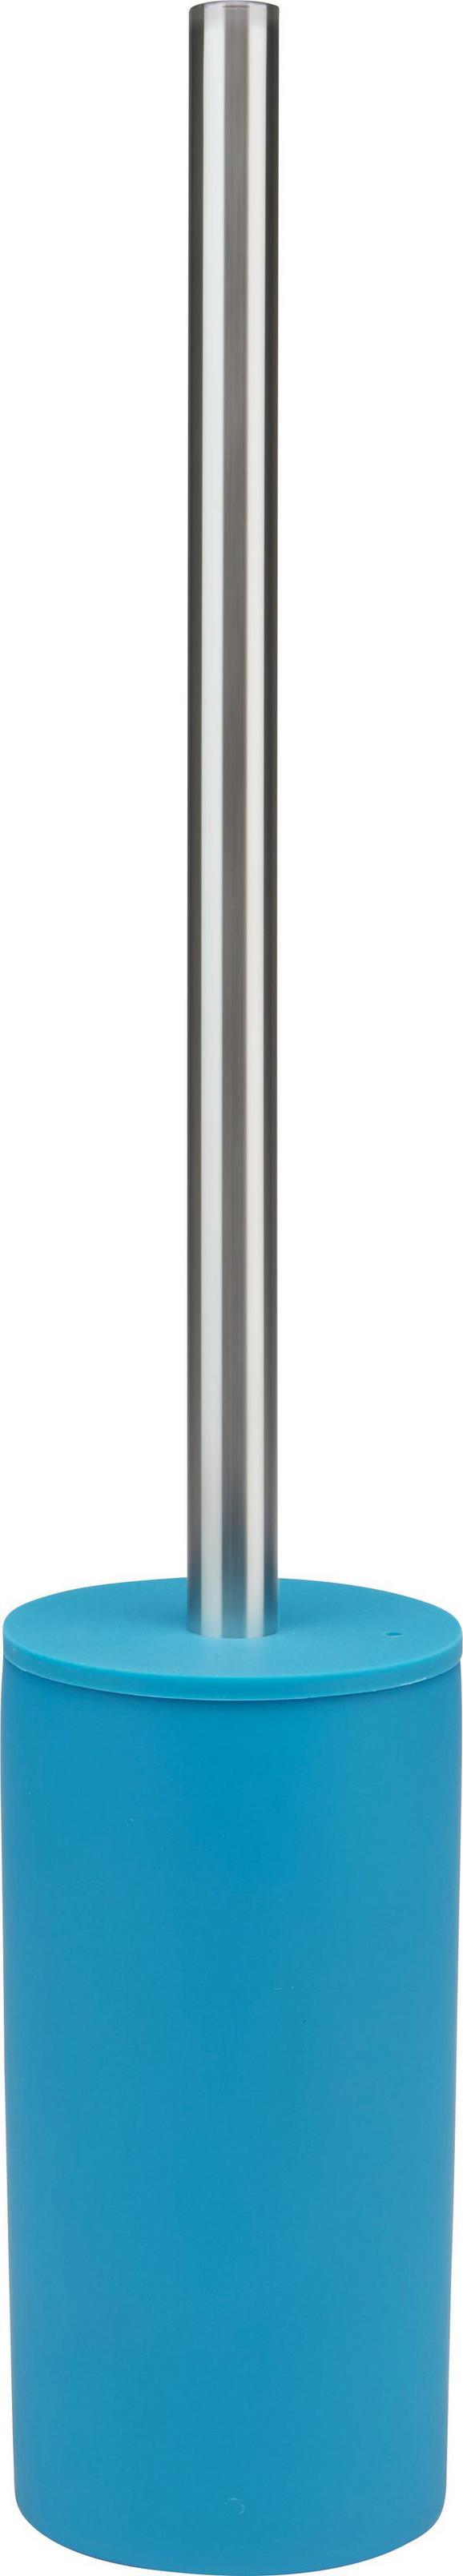 WC-Bürste Melanie in Petrol - Petrol, KONVENTIONELL, Kunststoff/Metall (8/45cm) - Mömax modern living